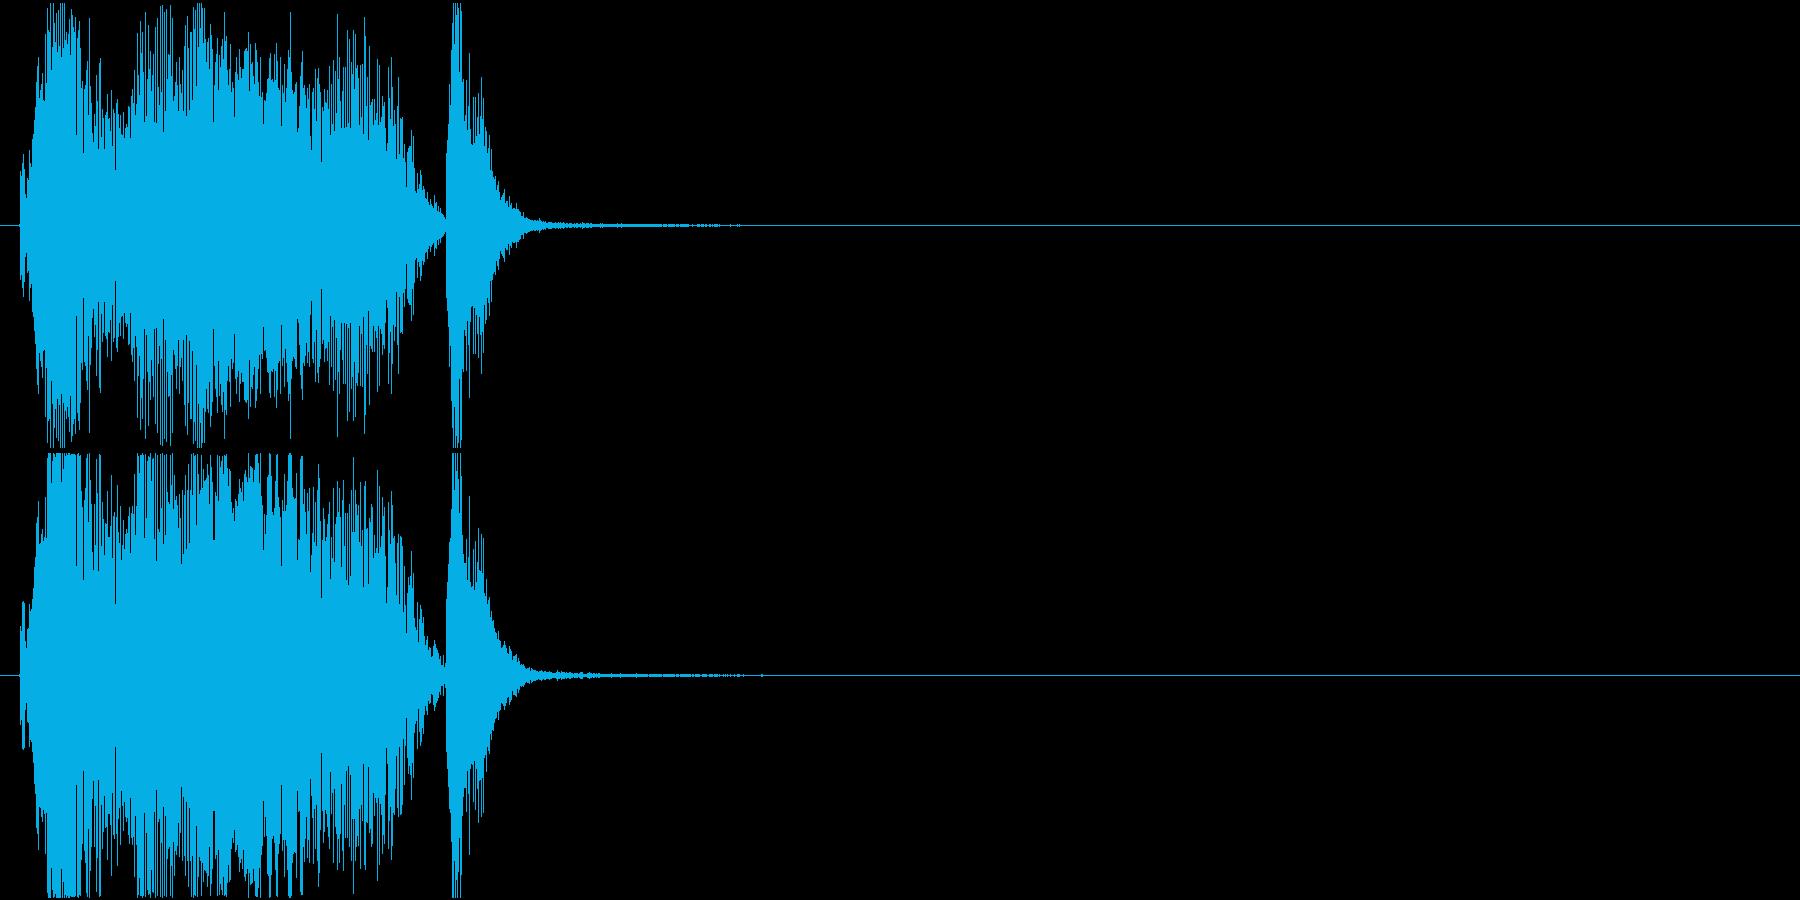 「グレイト」アプリ・ゲーム用の再生済みの波形